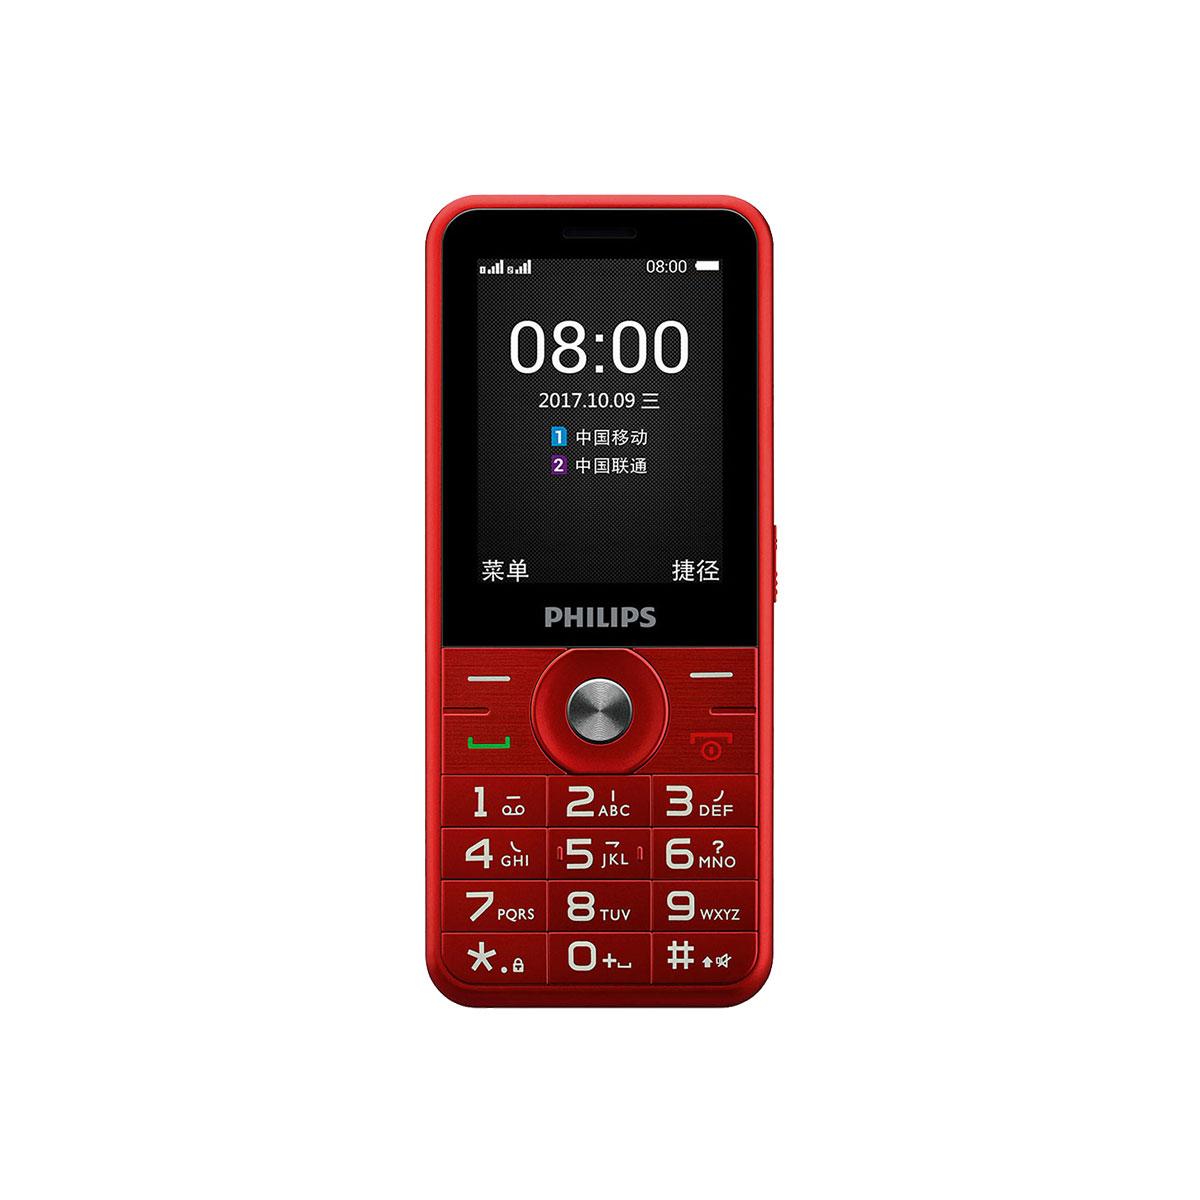 飞利浦Philips/飞利浦 E183A 移动版 老人手机飞利浦 E183A 炫丽红